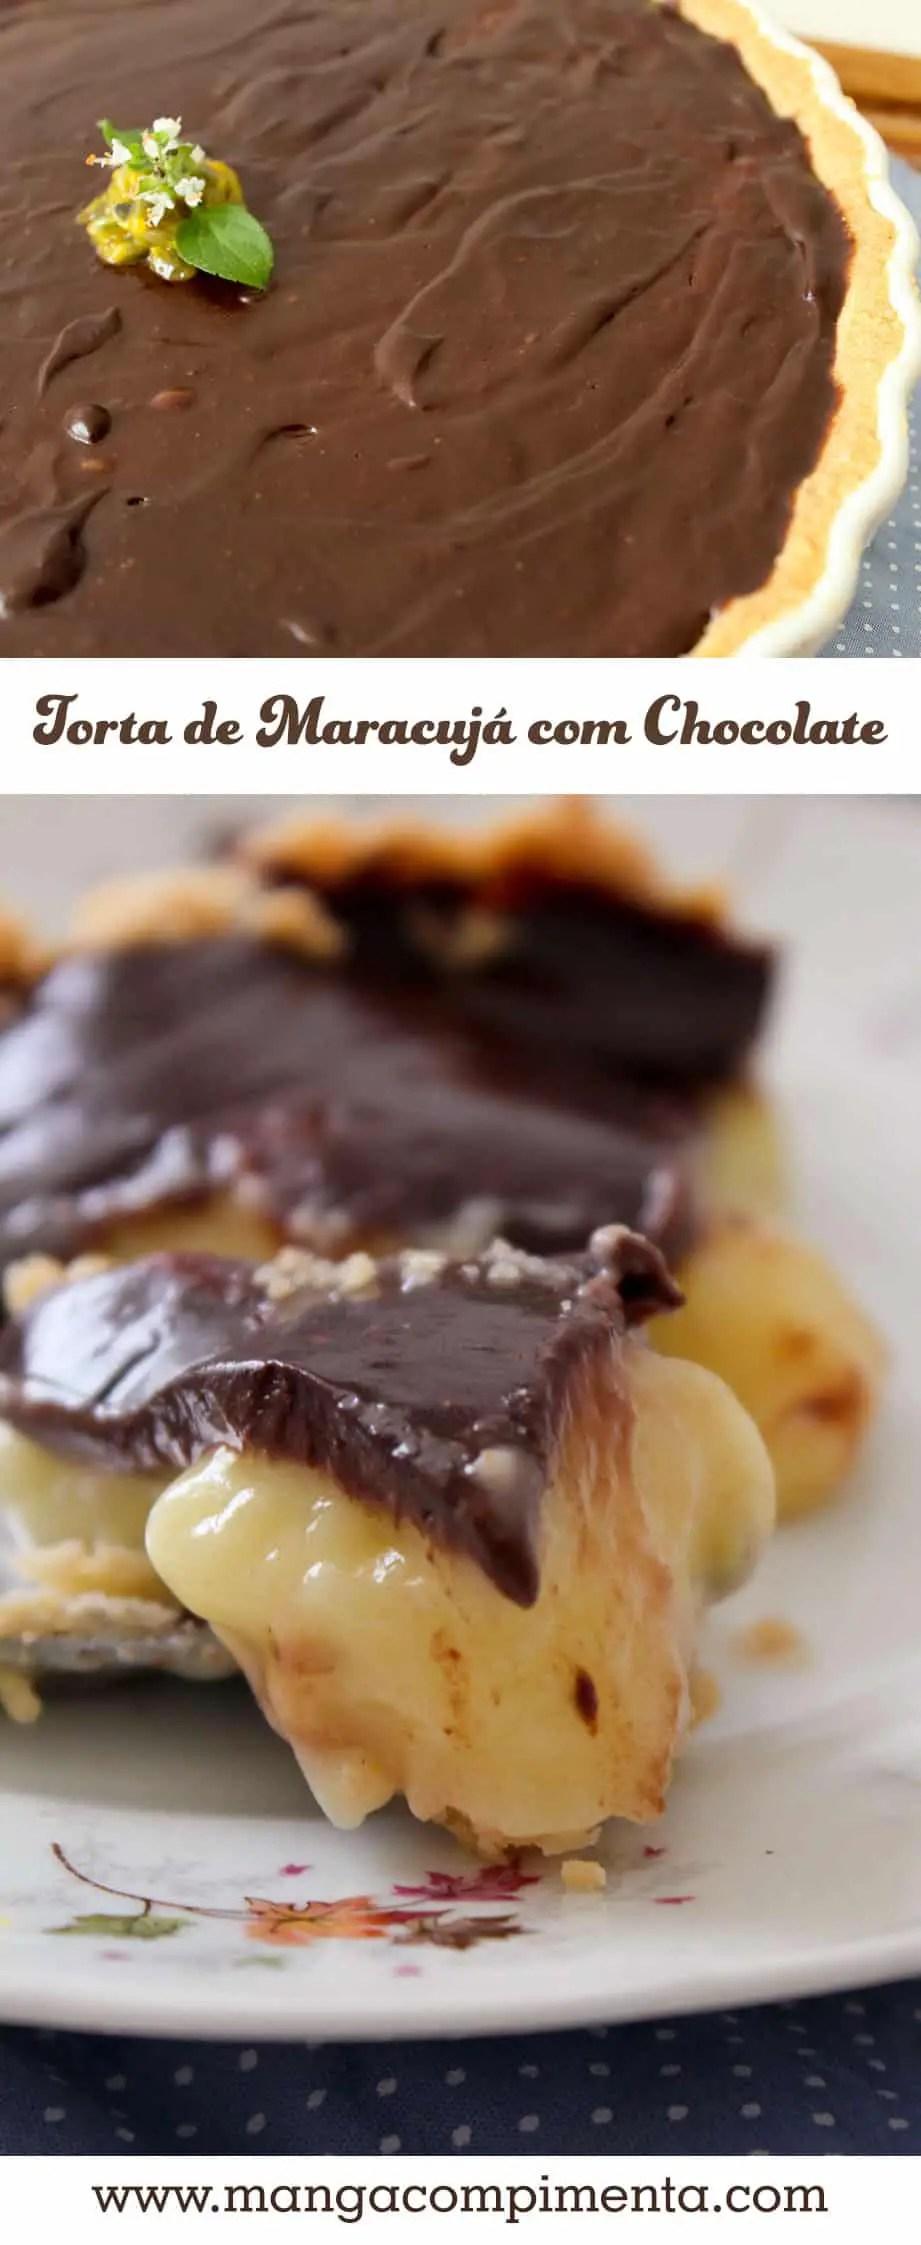 Torta de Maracujá com Chocolate | Natal, Ano Novo, Dia dos Namorados e Datas Comemorativas